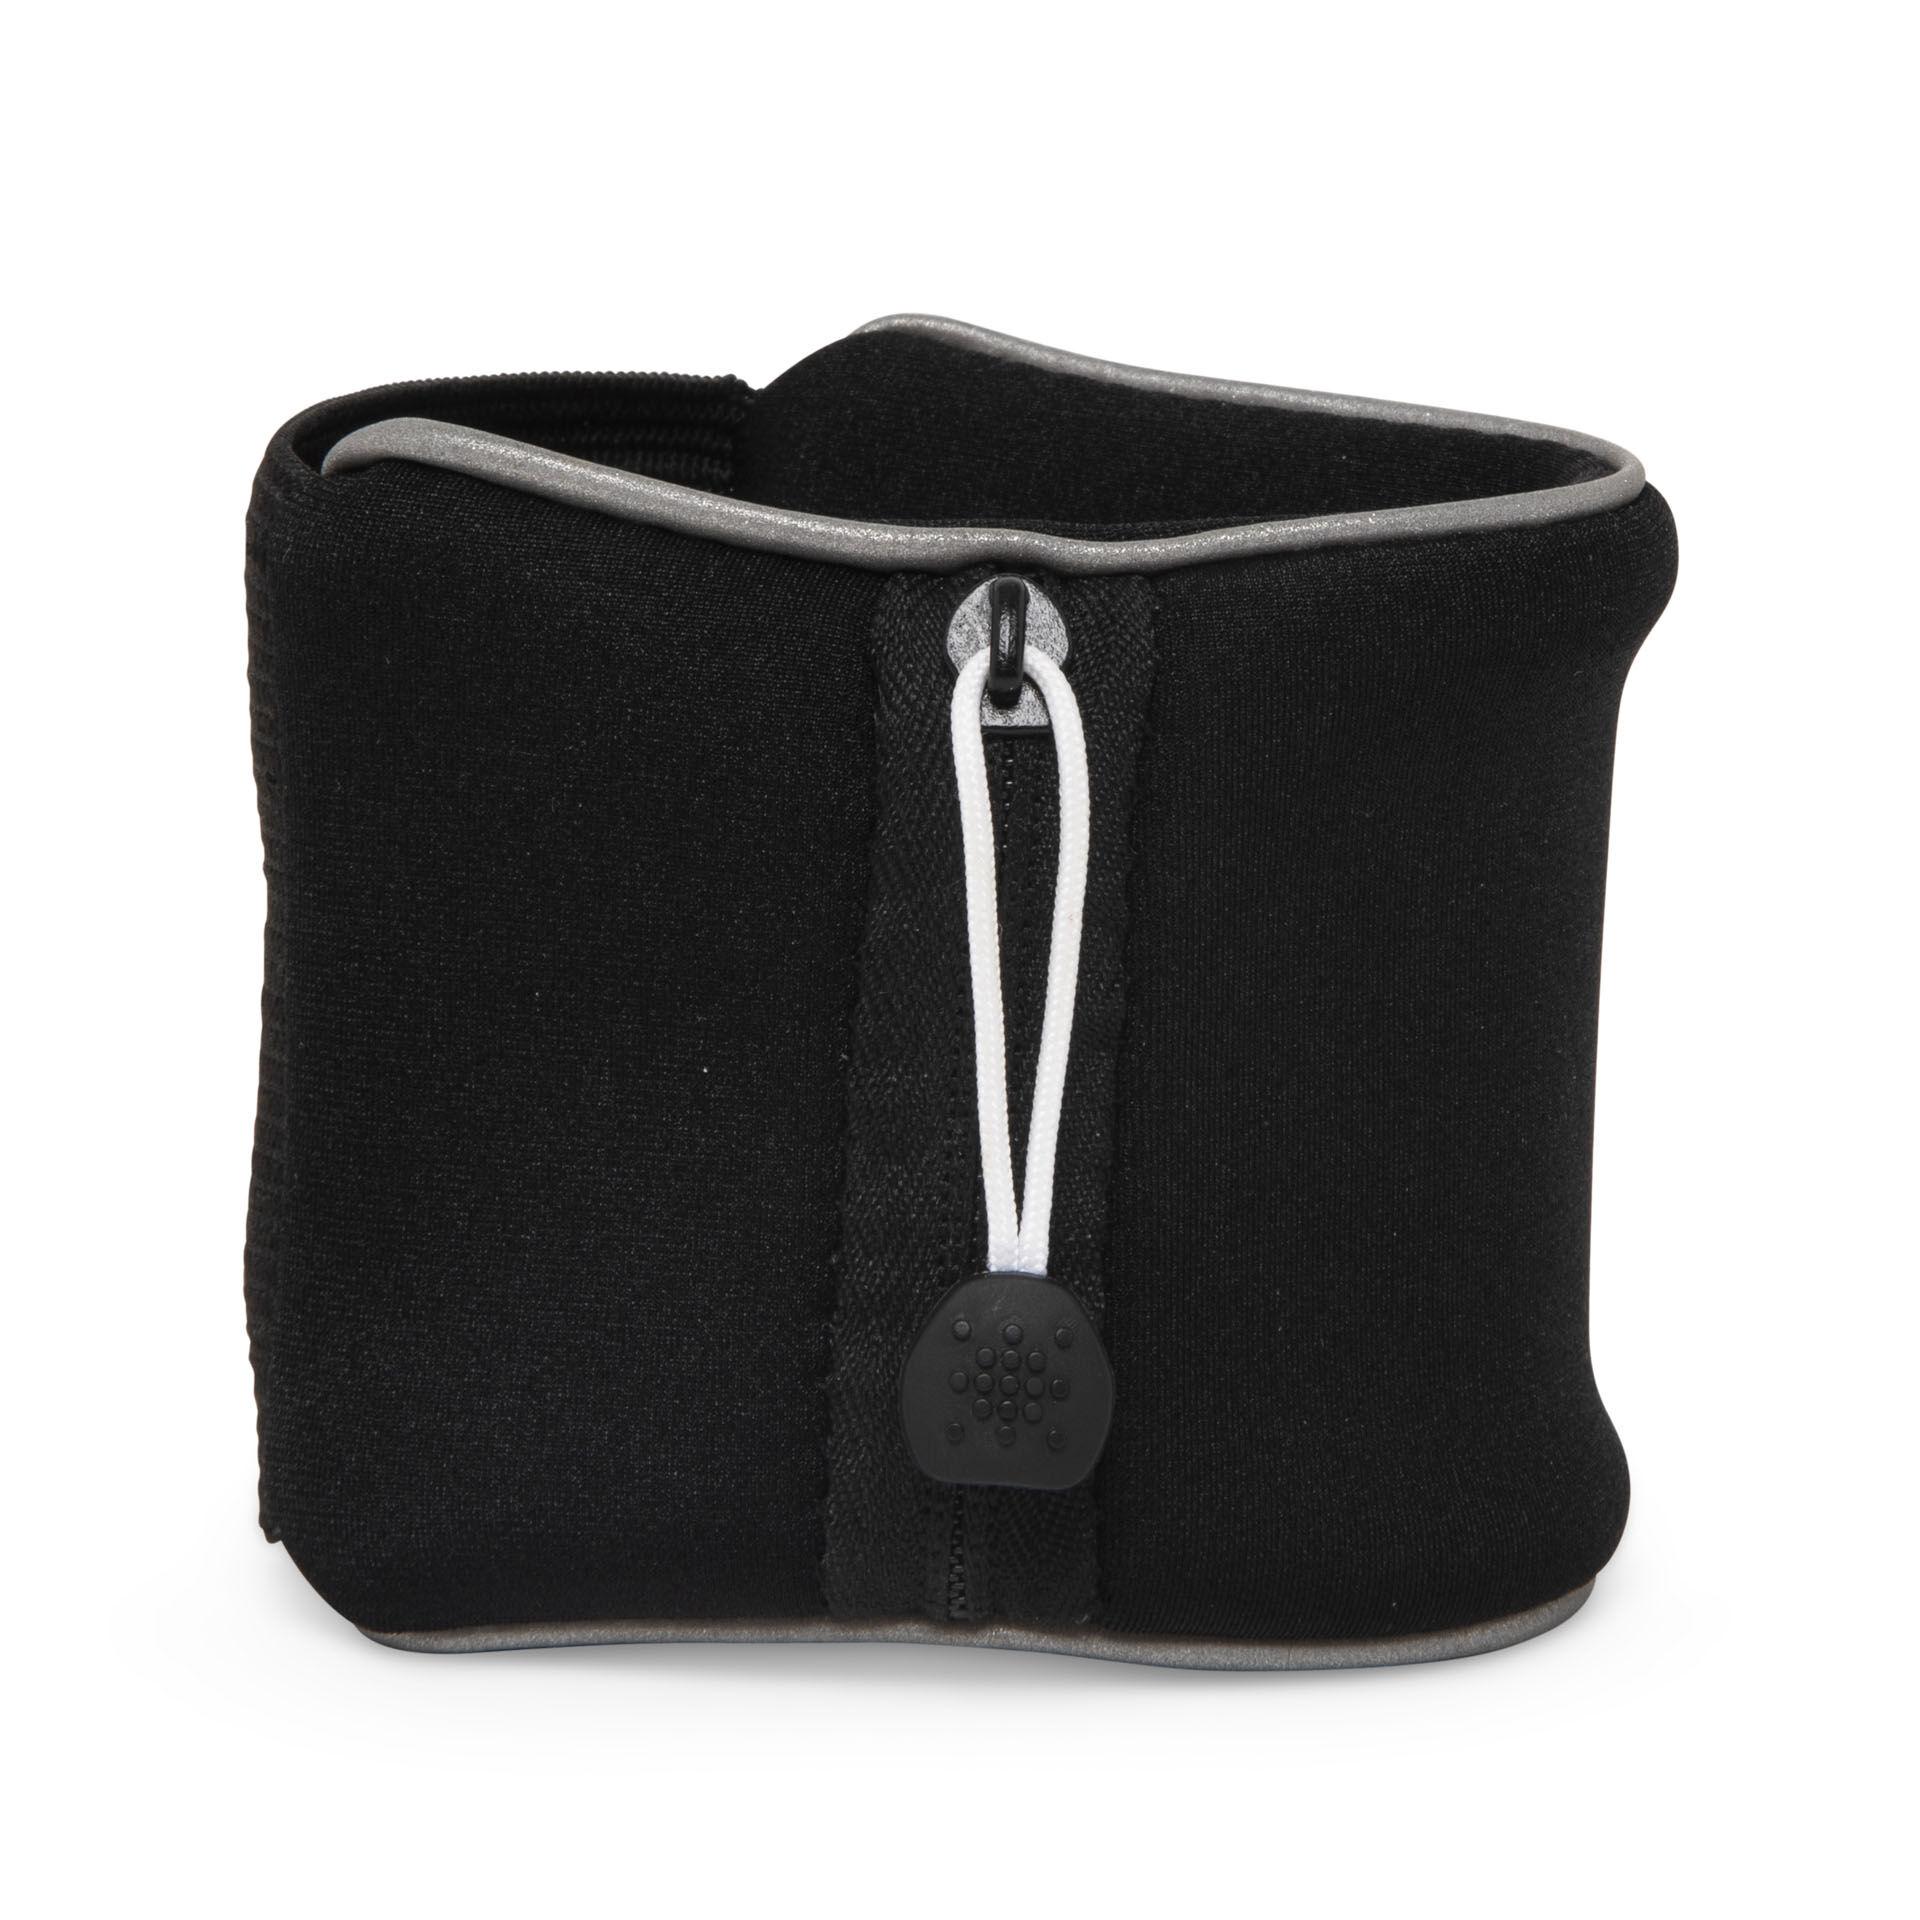 Bracelet éponge avec poche, noir, large